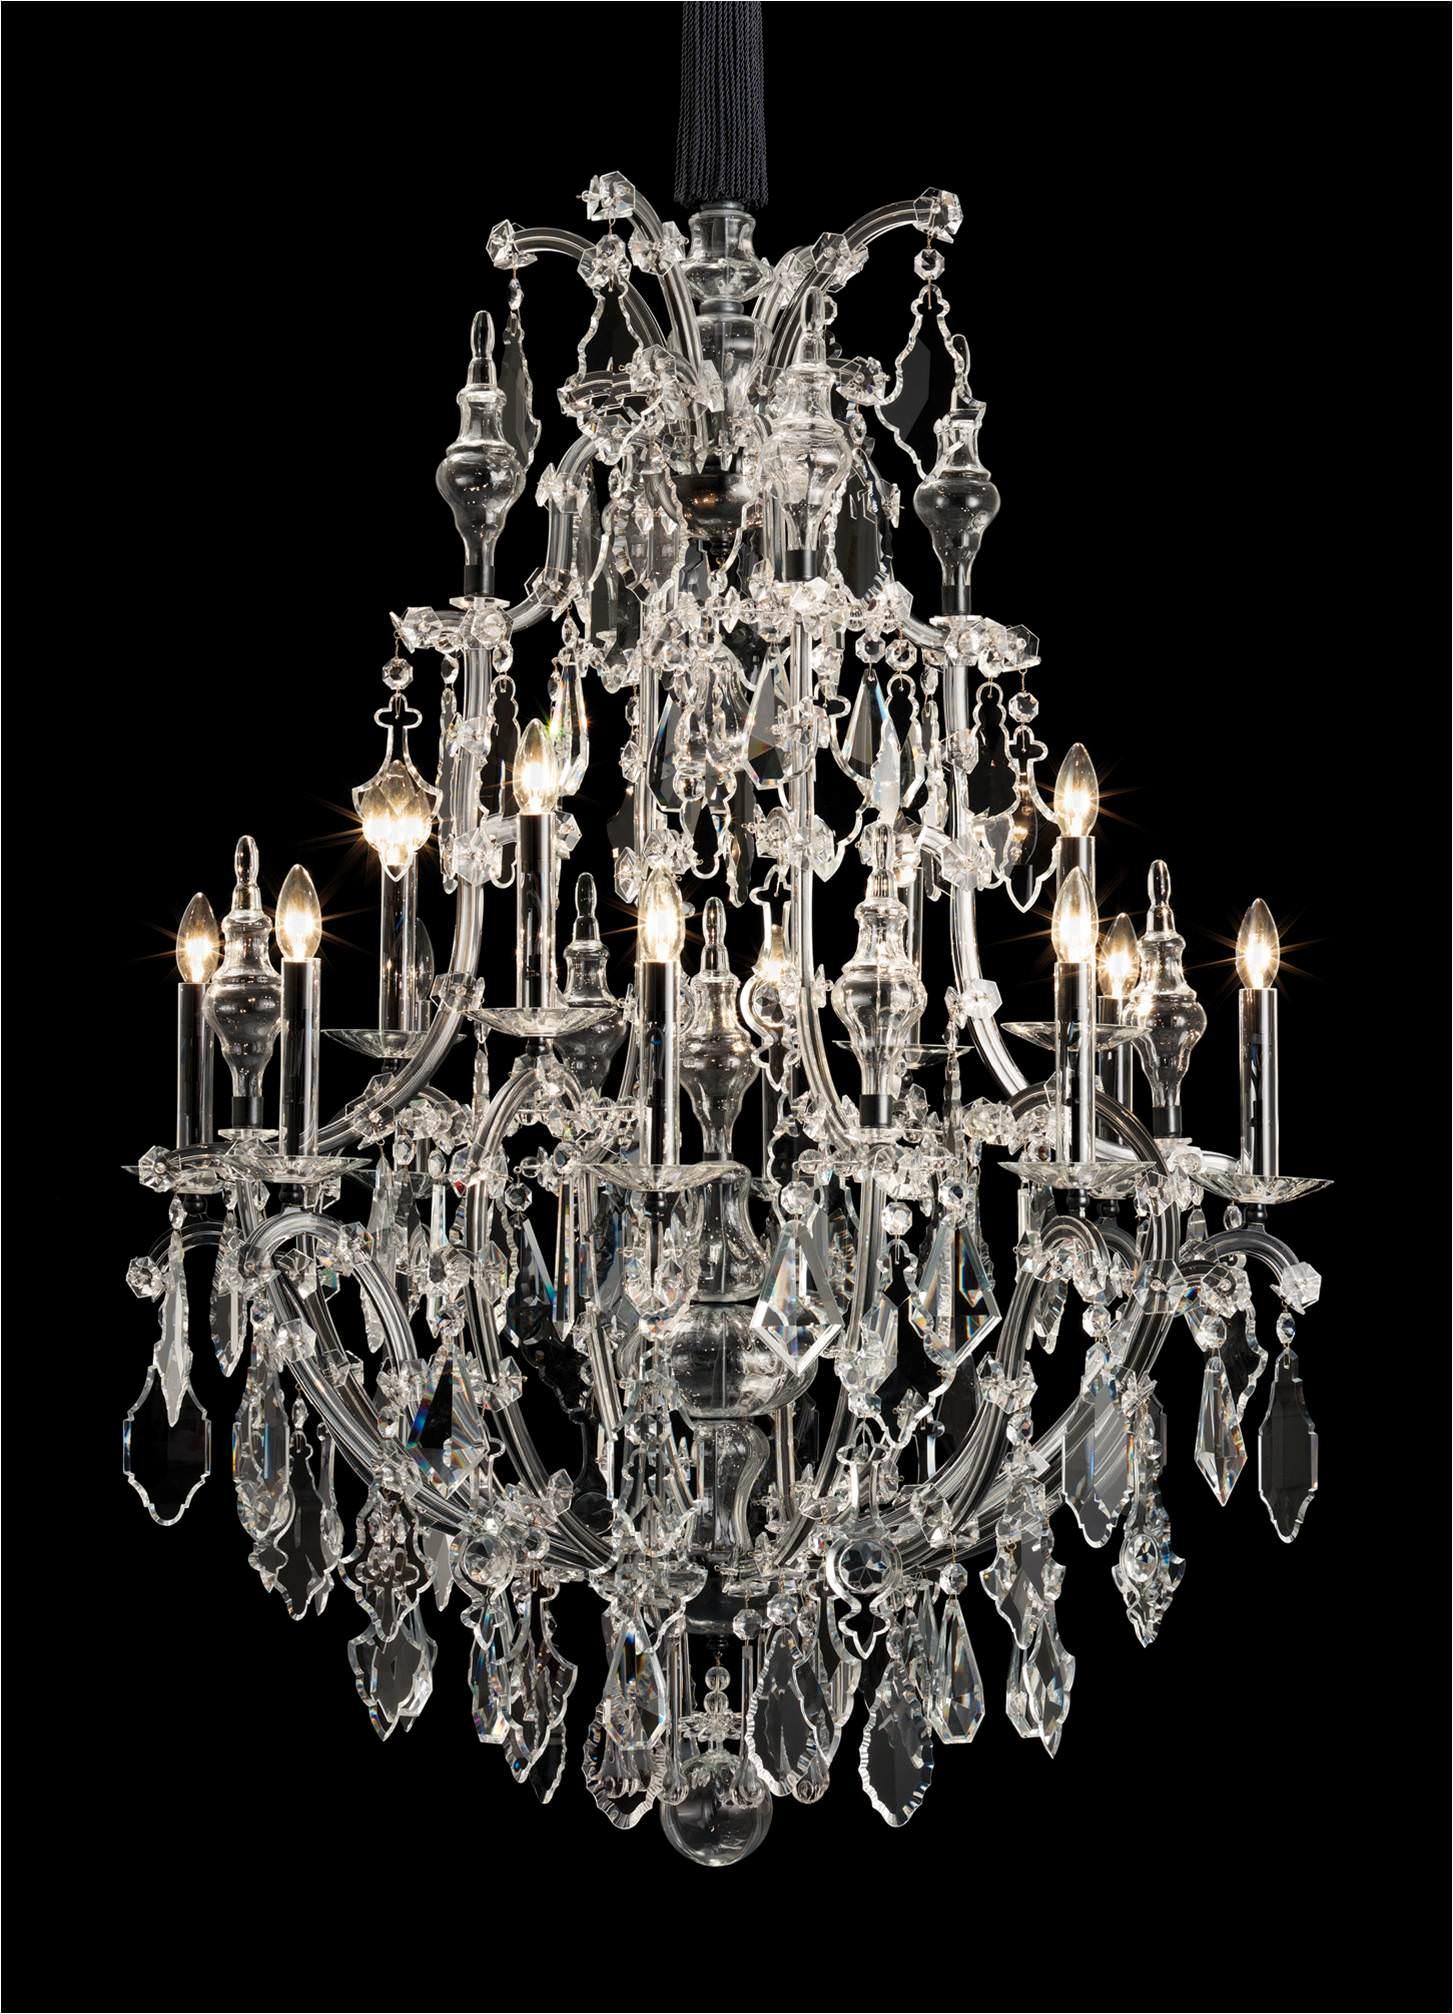 leuchter - Luxuriöse Kronleuchter von Wiener Manufaktur